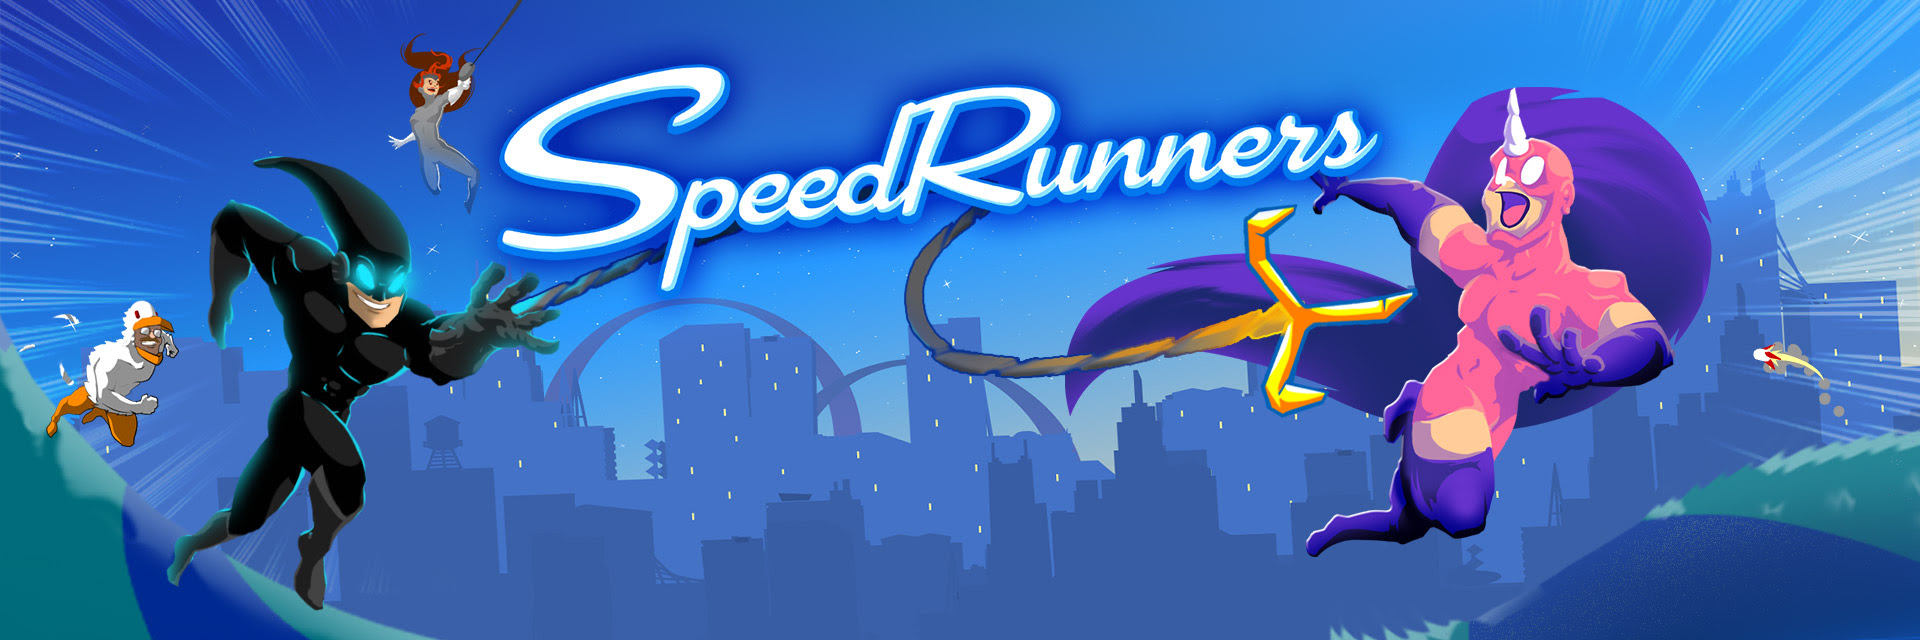 El genial Speedrunners deja el Early Access y se lanza este 19 de Abril